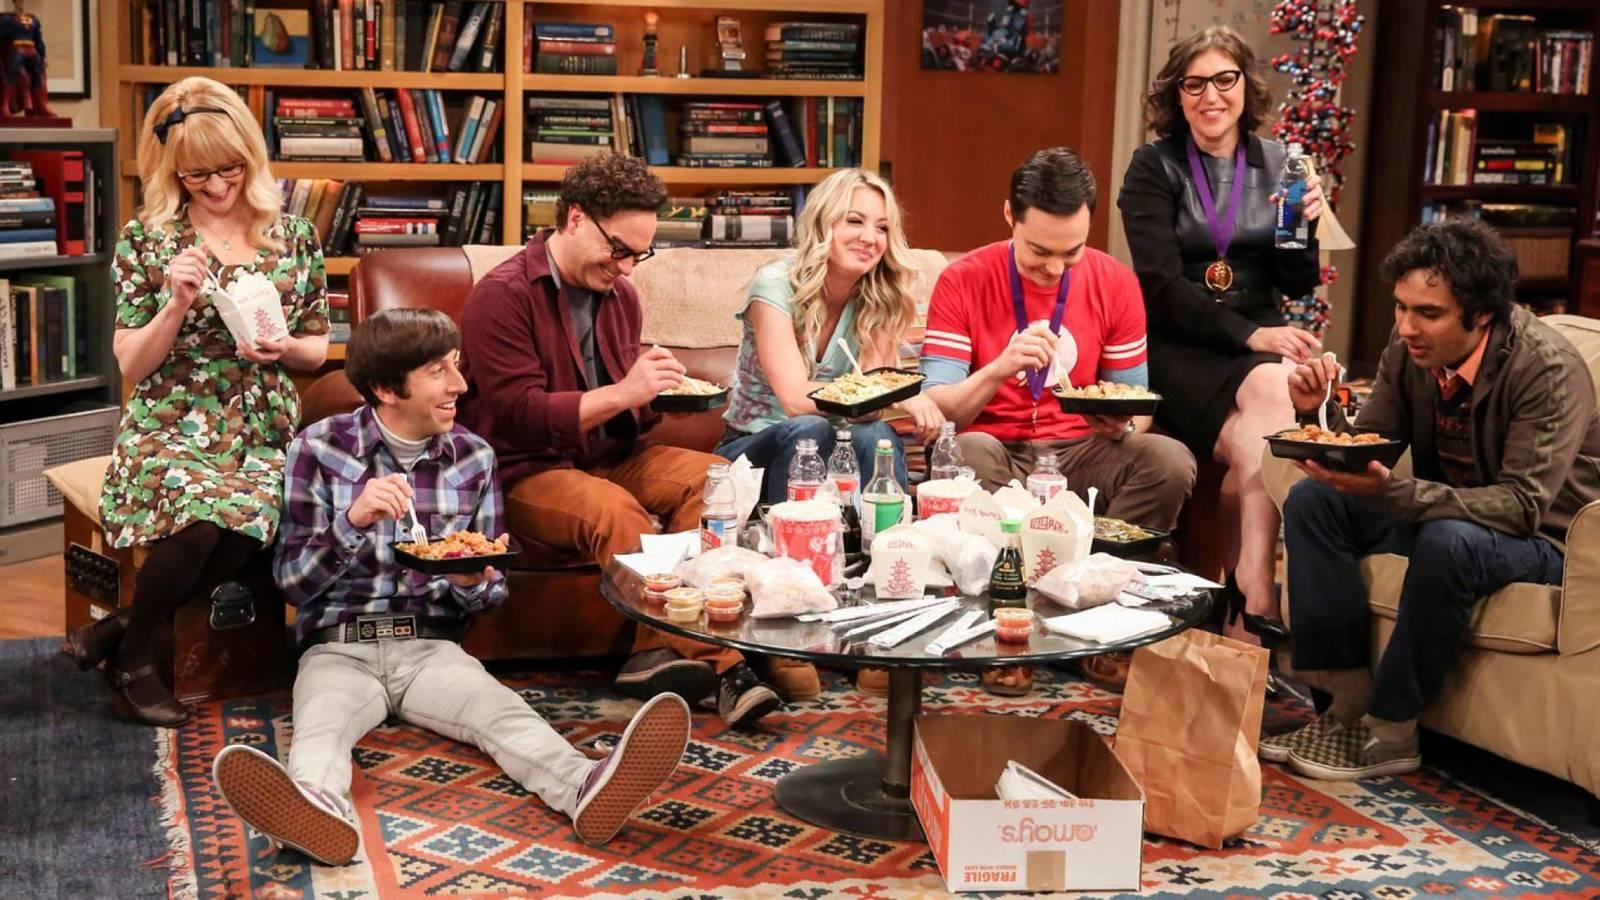 Kaley Cuoco quiere una reunión de The Big Bang Theory como lo hará Friends 2